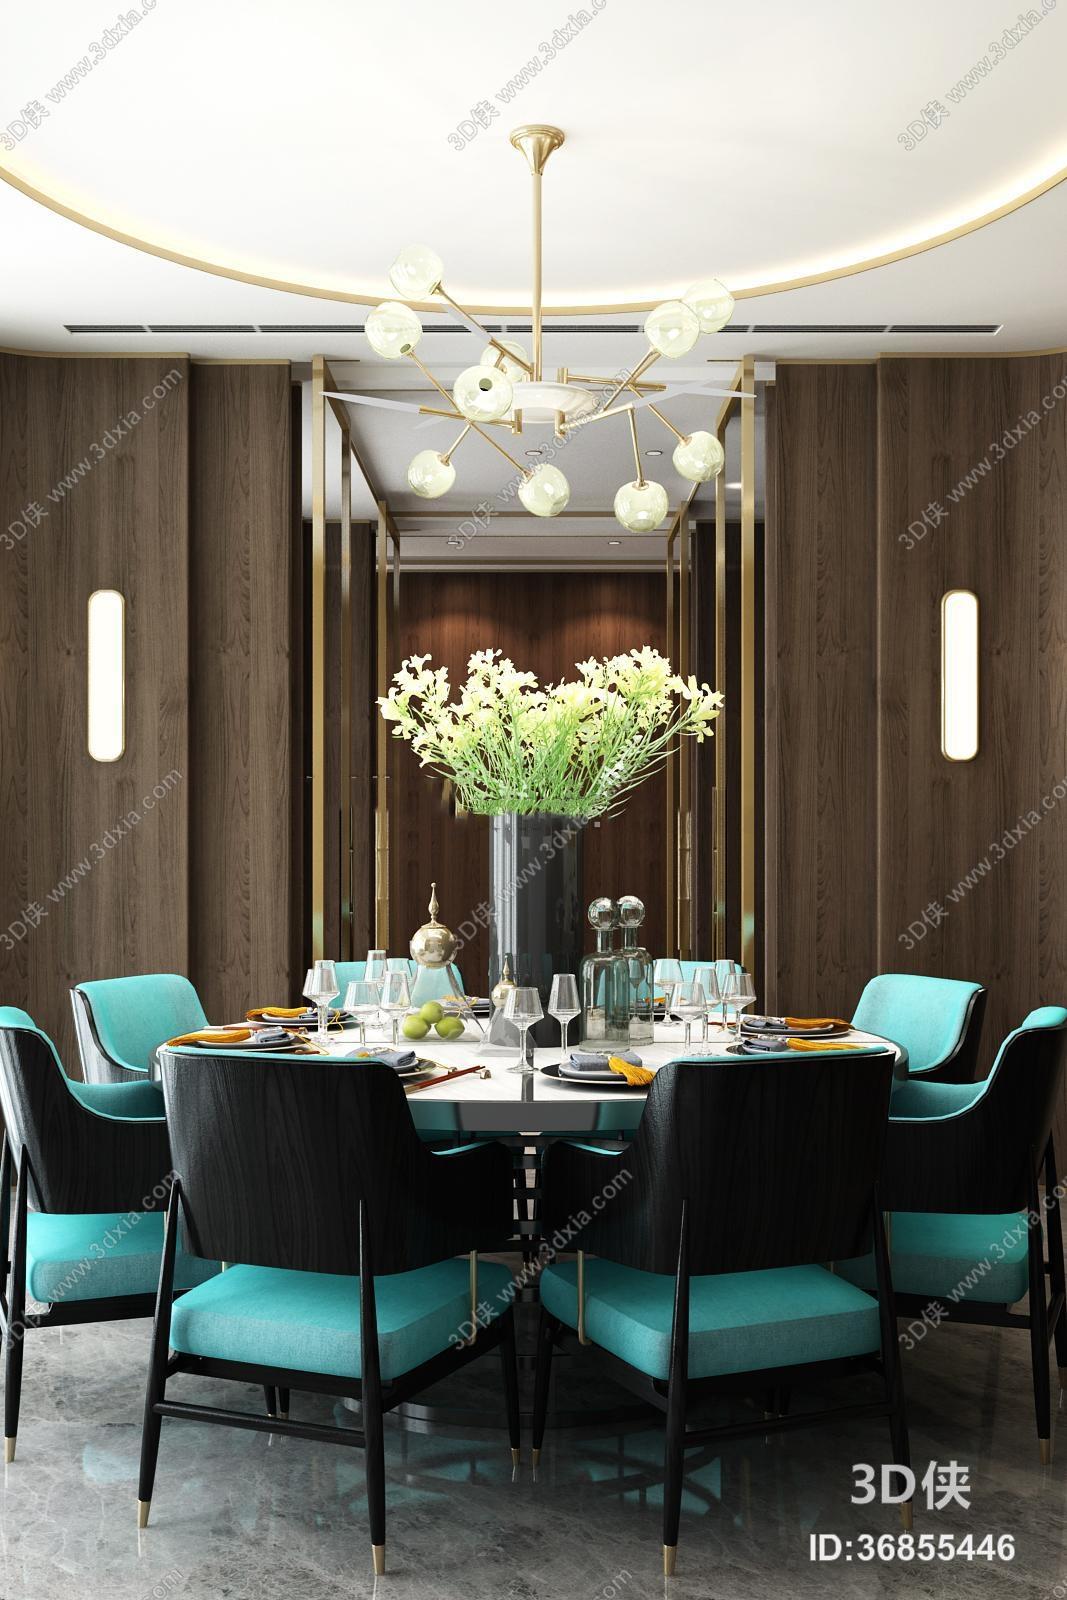 现代圆形餐桌椅金属吊灯组合3D模型